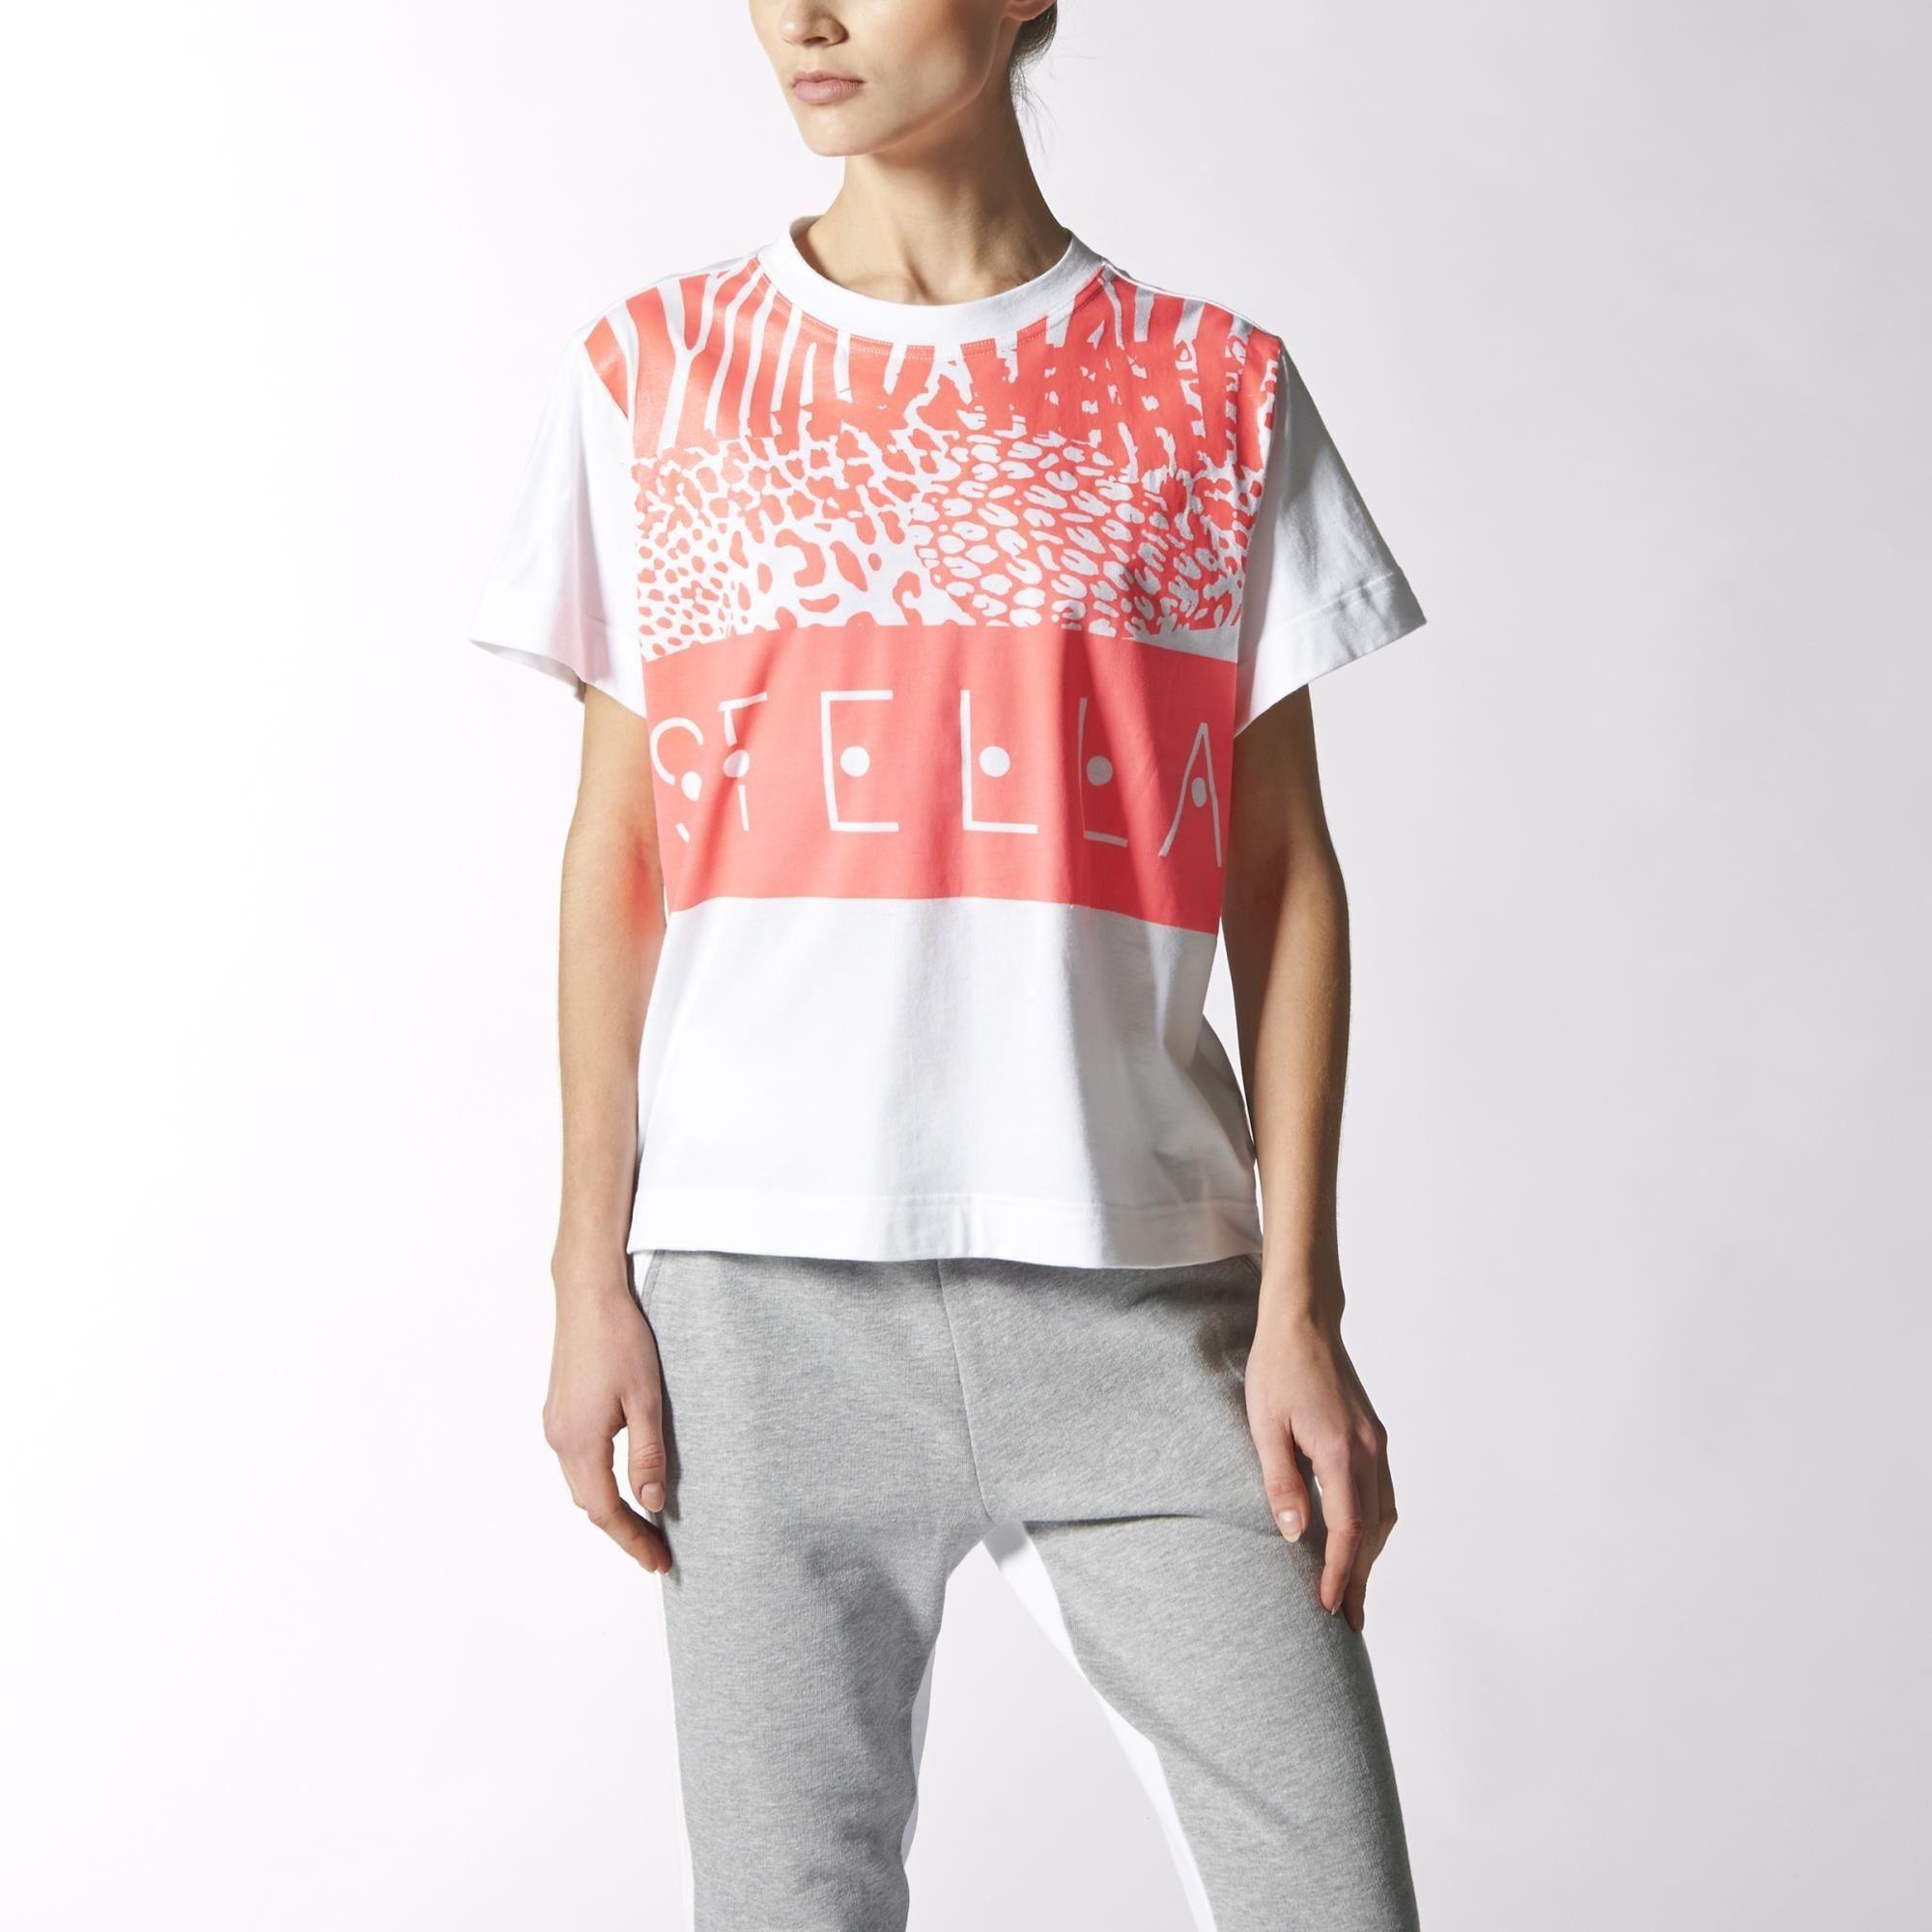 8fb860f7a09dd adidas - Camiseta adidas Stellasport Boxy